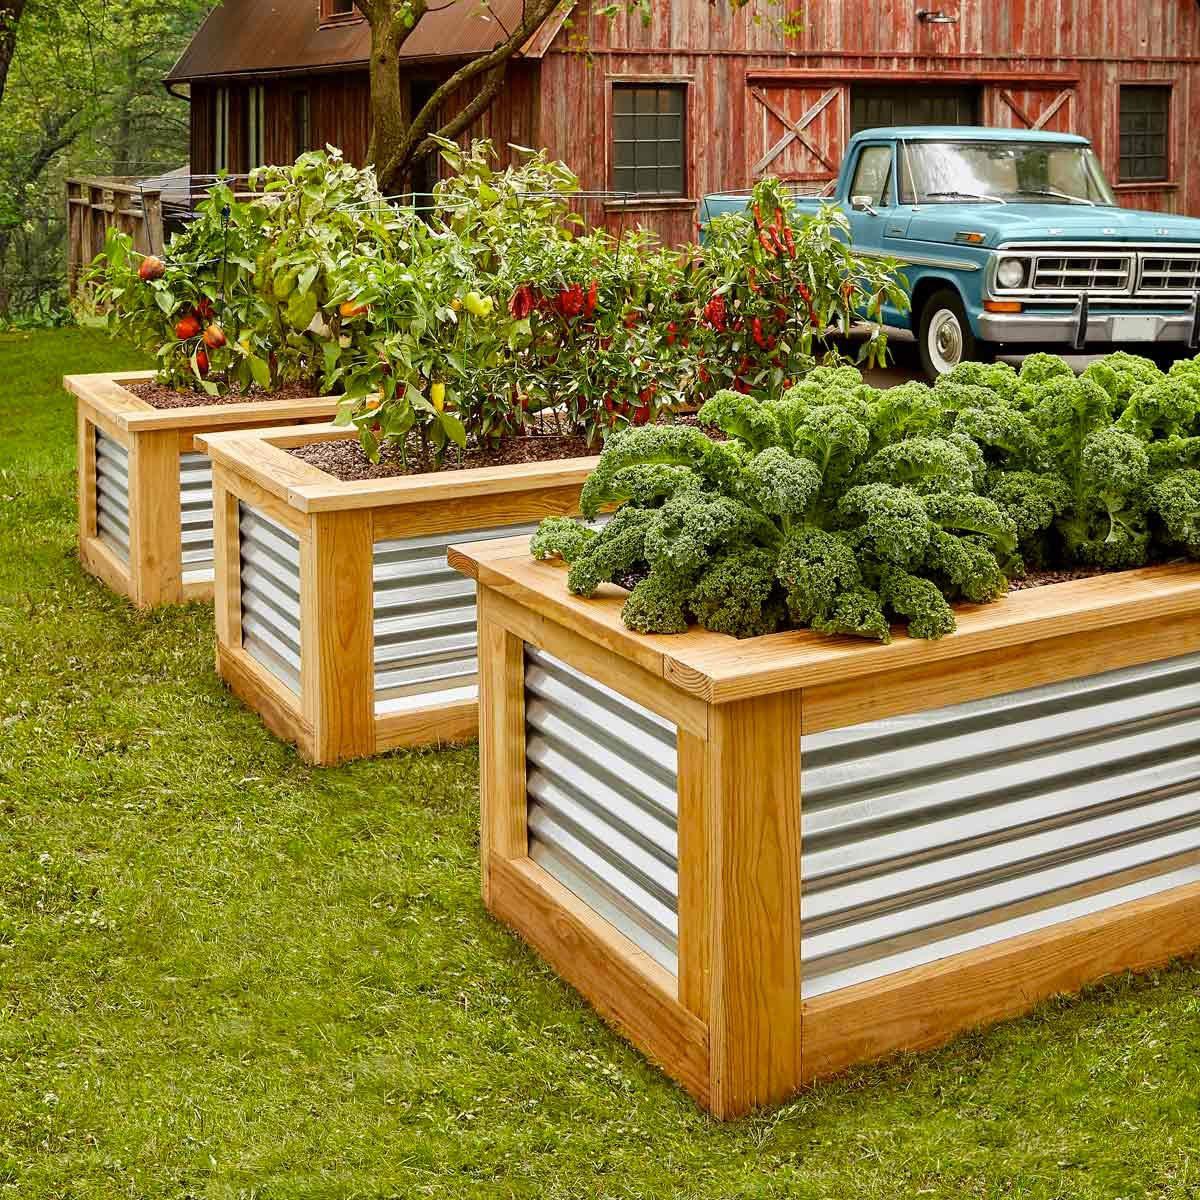 Aménagement paysager : ajoutez des plates-bandes surélevées pour un potager, des herbes aromatiques et des fleurs à couper.